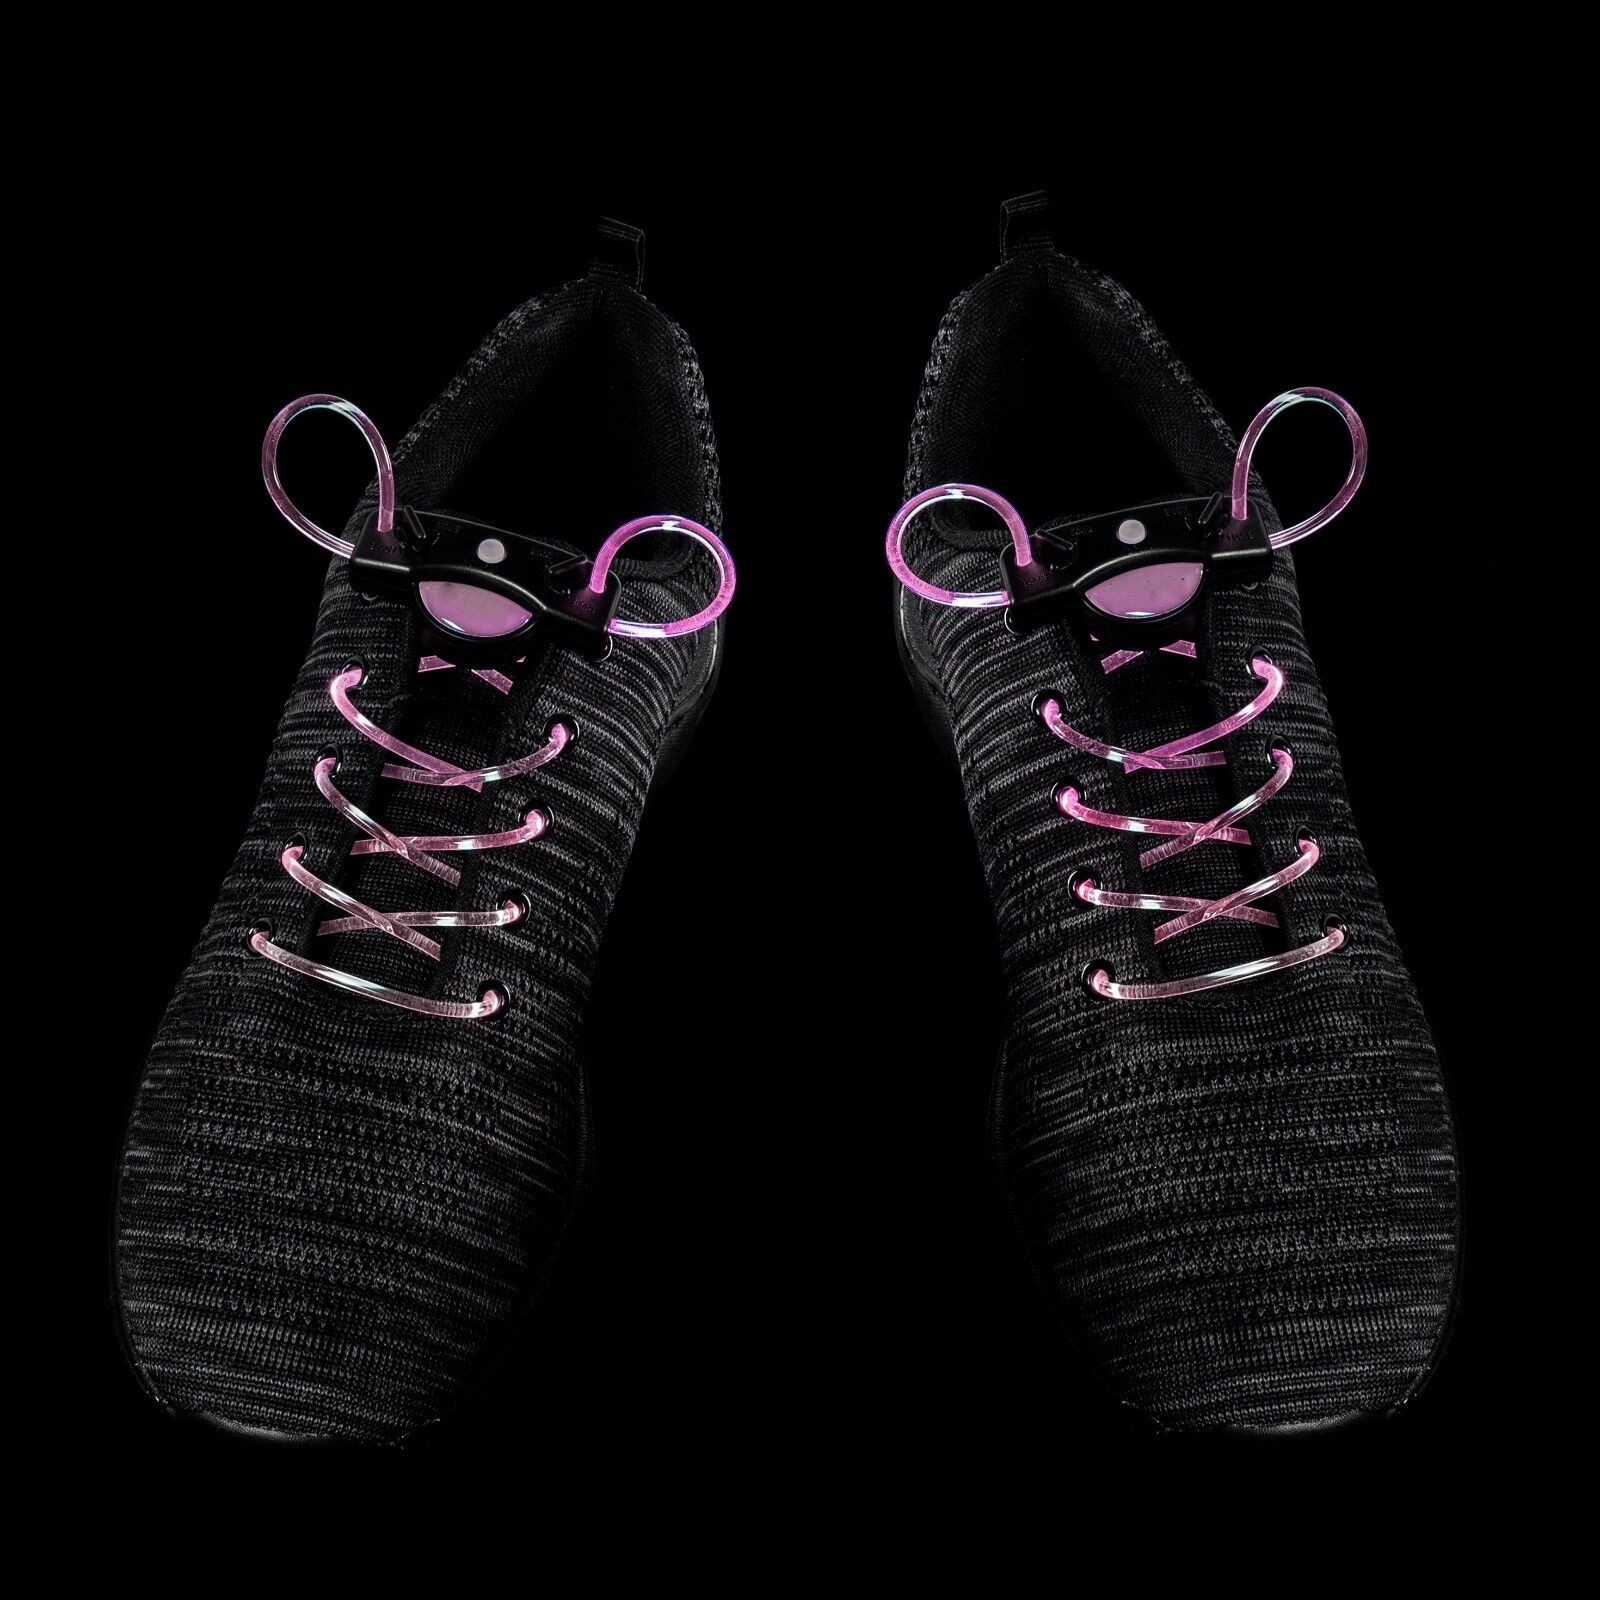 LED Flash Luminous Light Up Glow Strap Shoelace Shoe Laces Party Disco Props GA